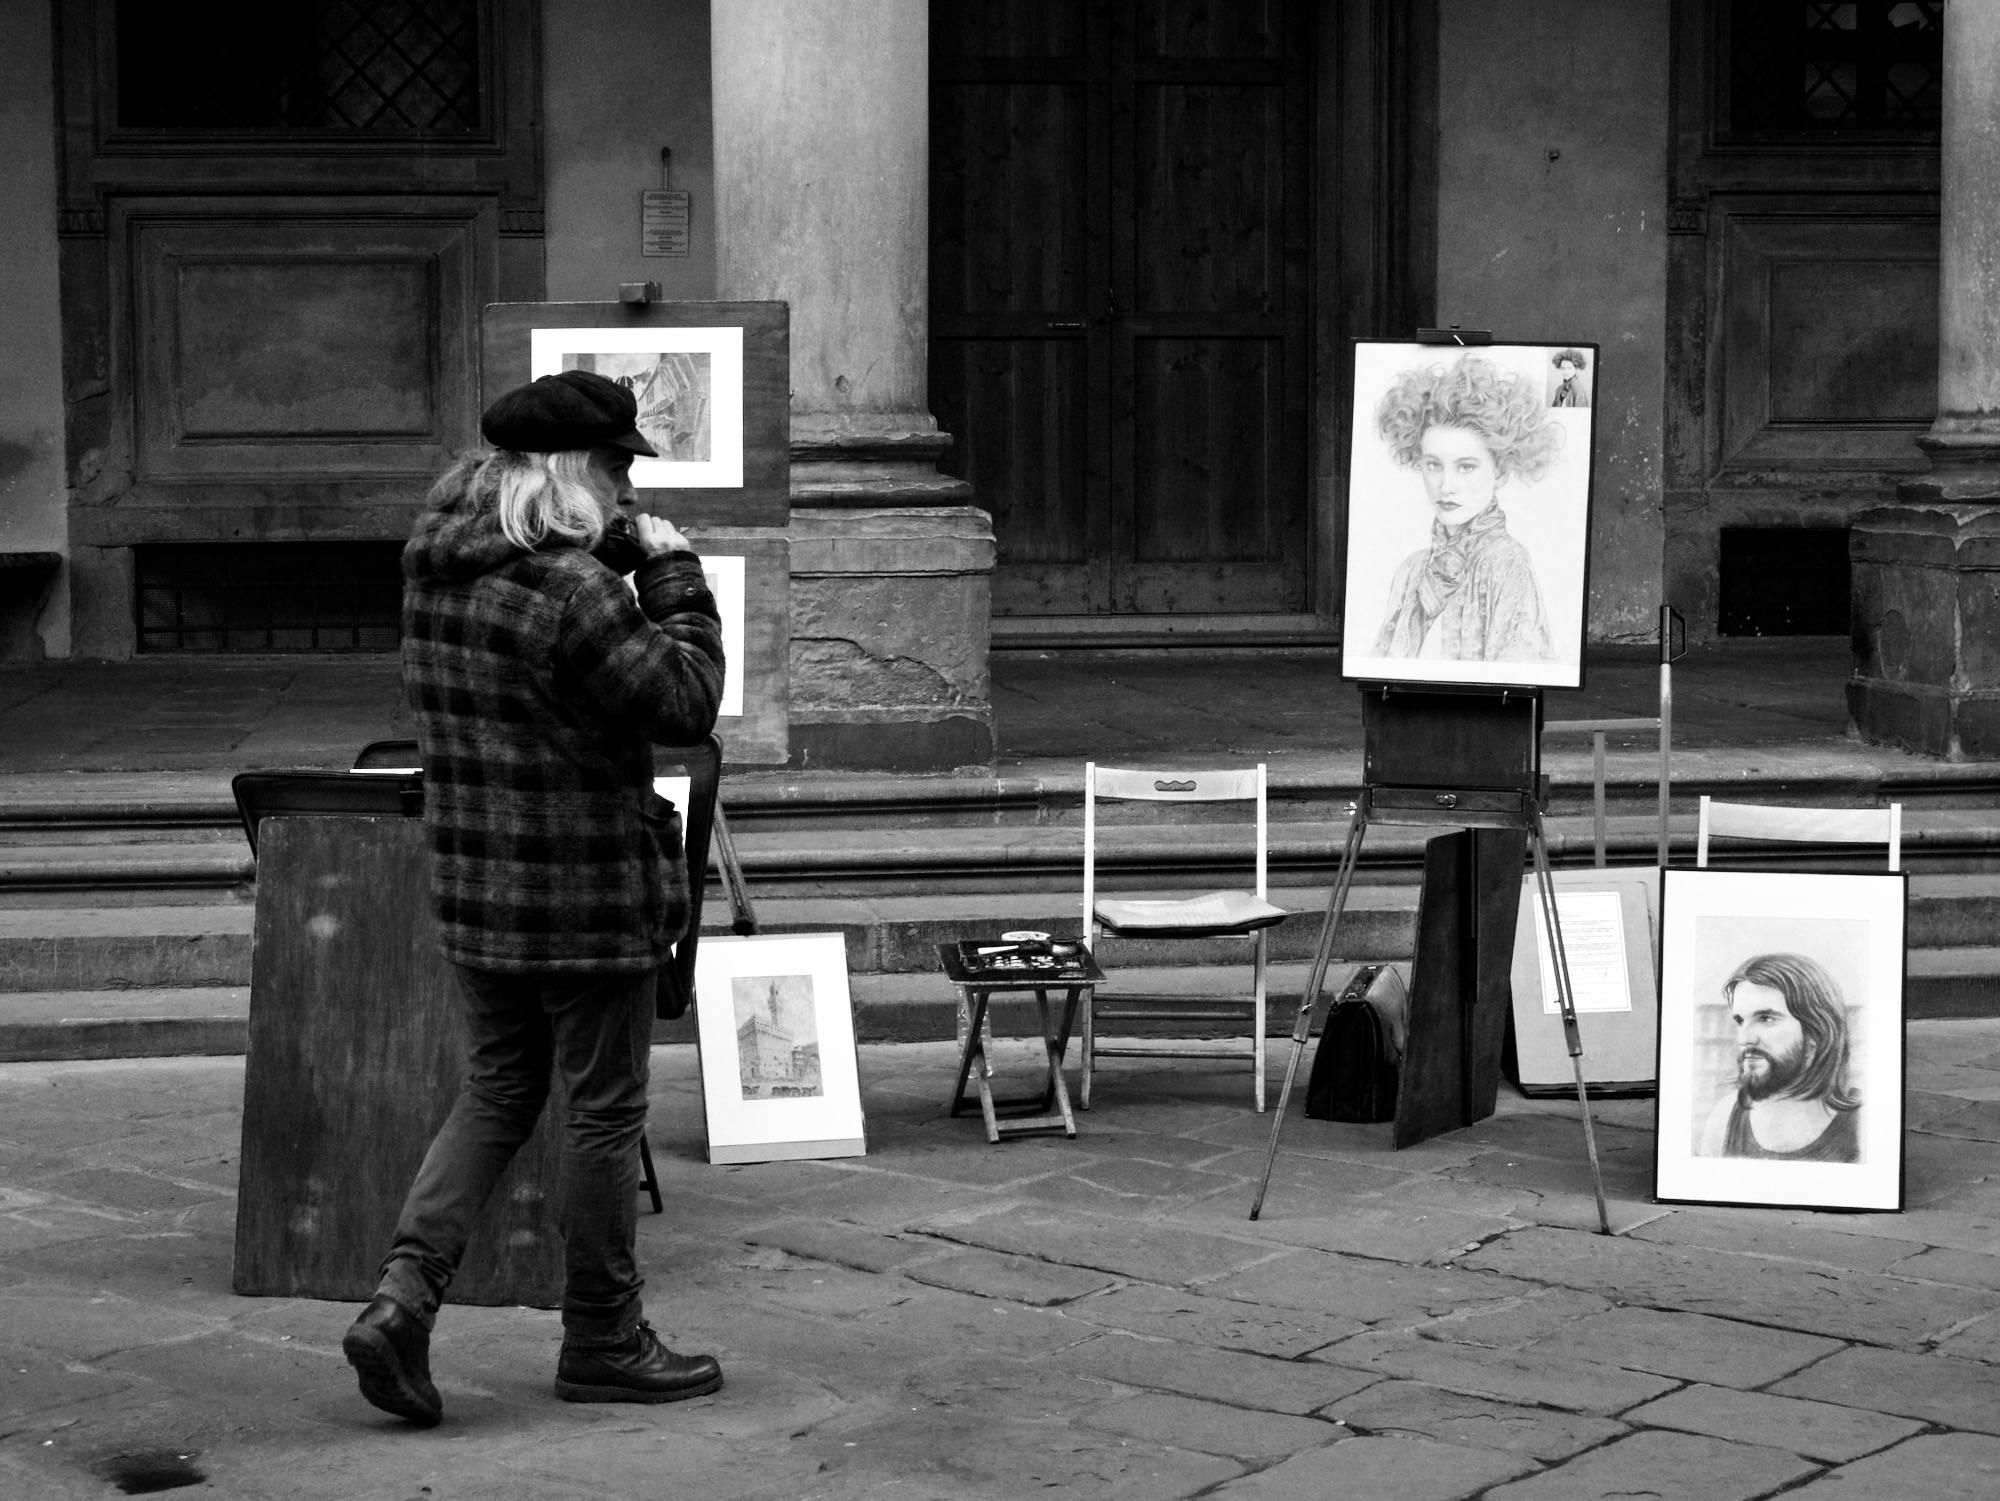 Massimiliano_Scarpa_photo_Firenze Uffizi 2016 -